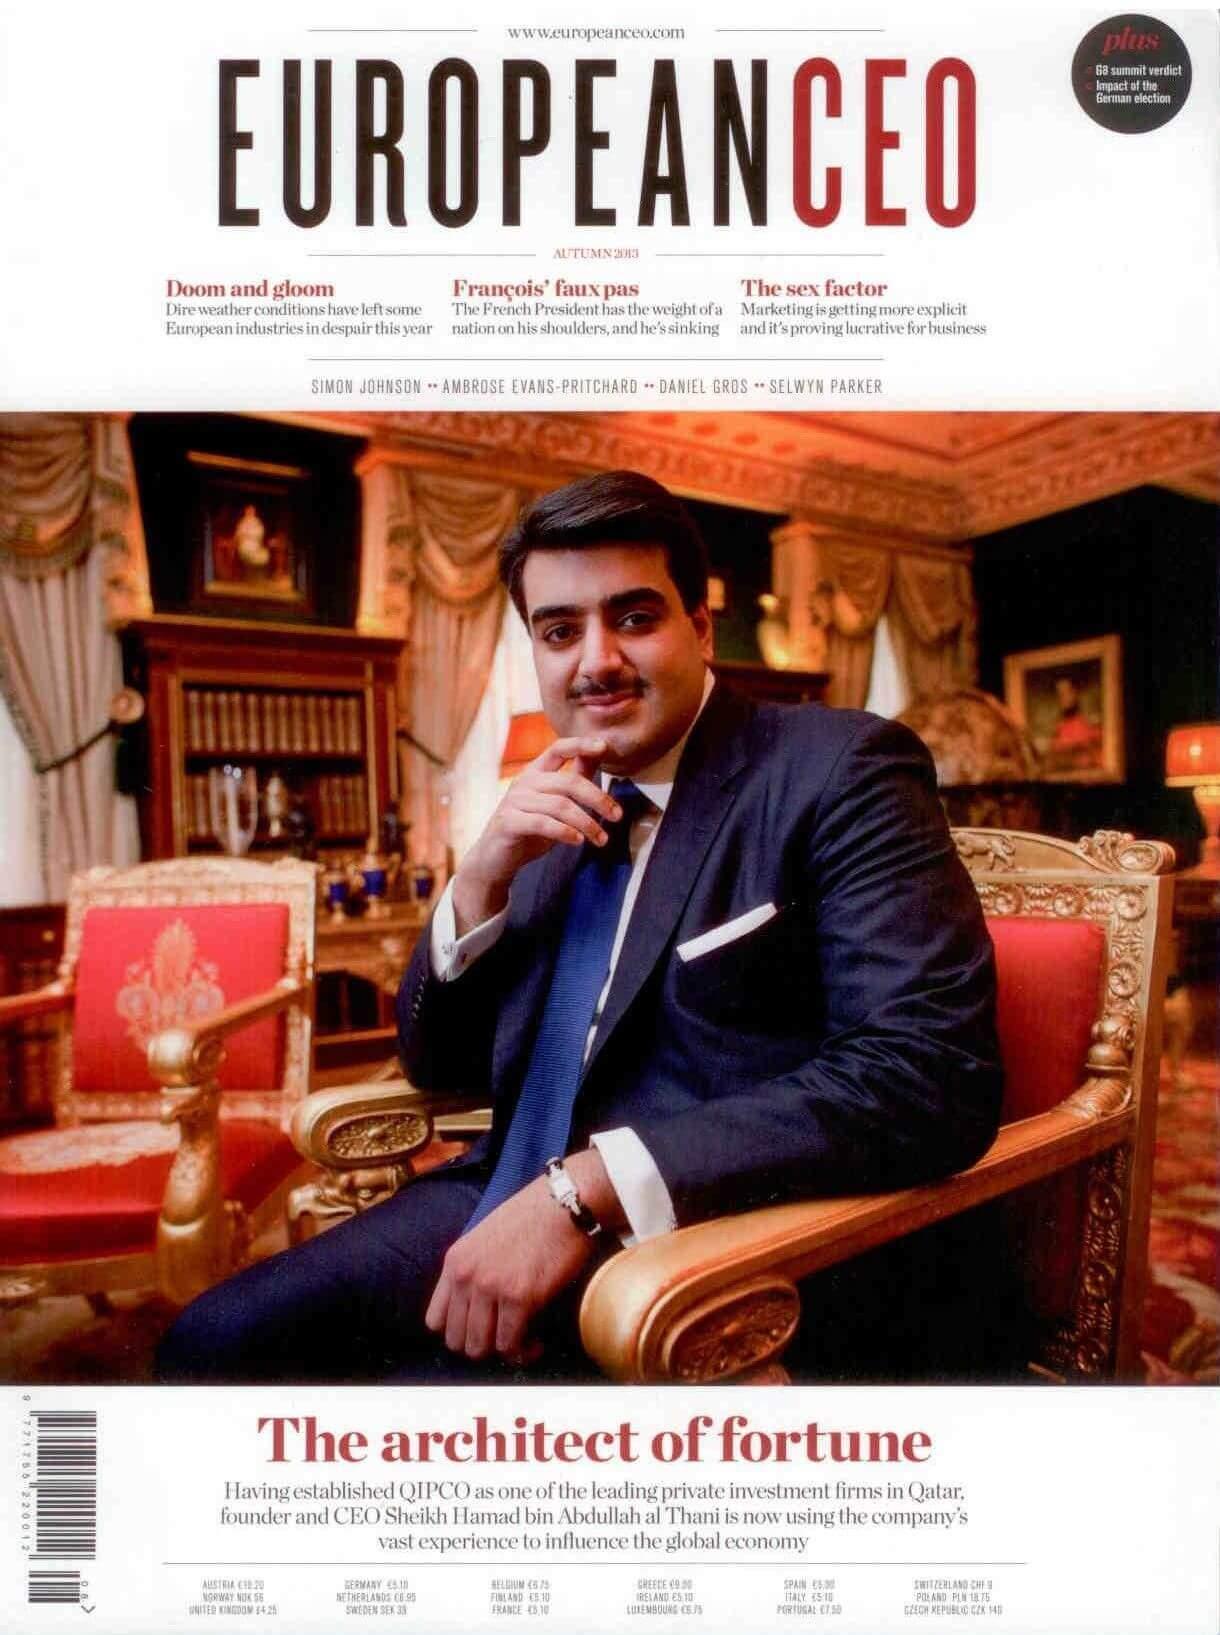 Majalah European CEO, Musim Gugur 2013